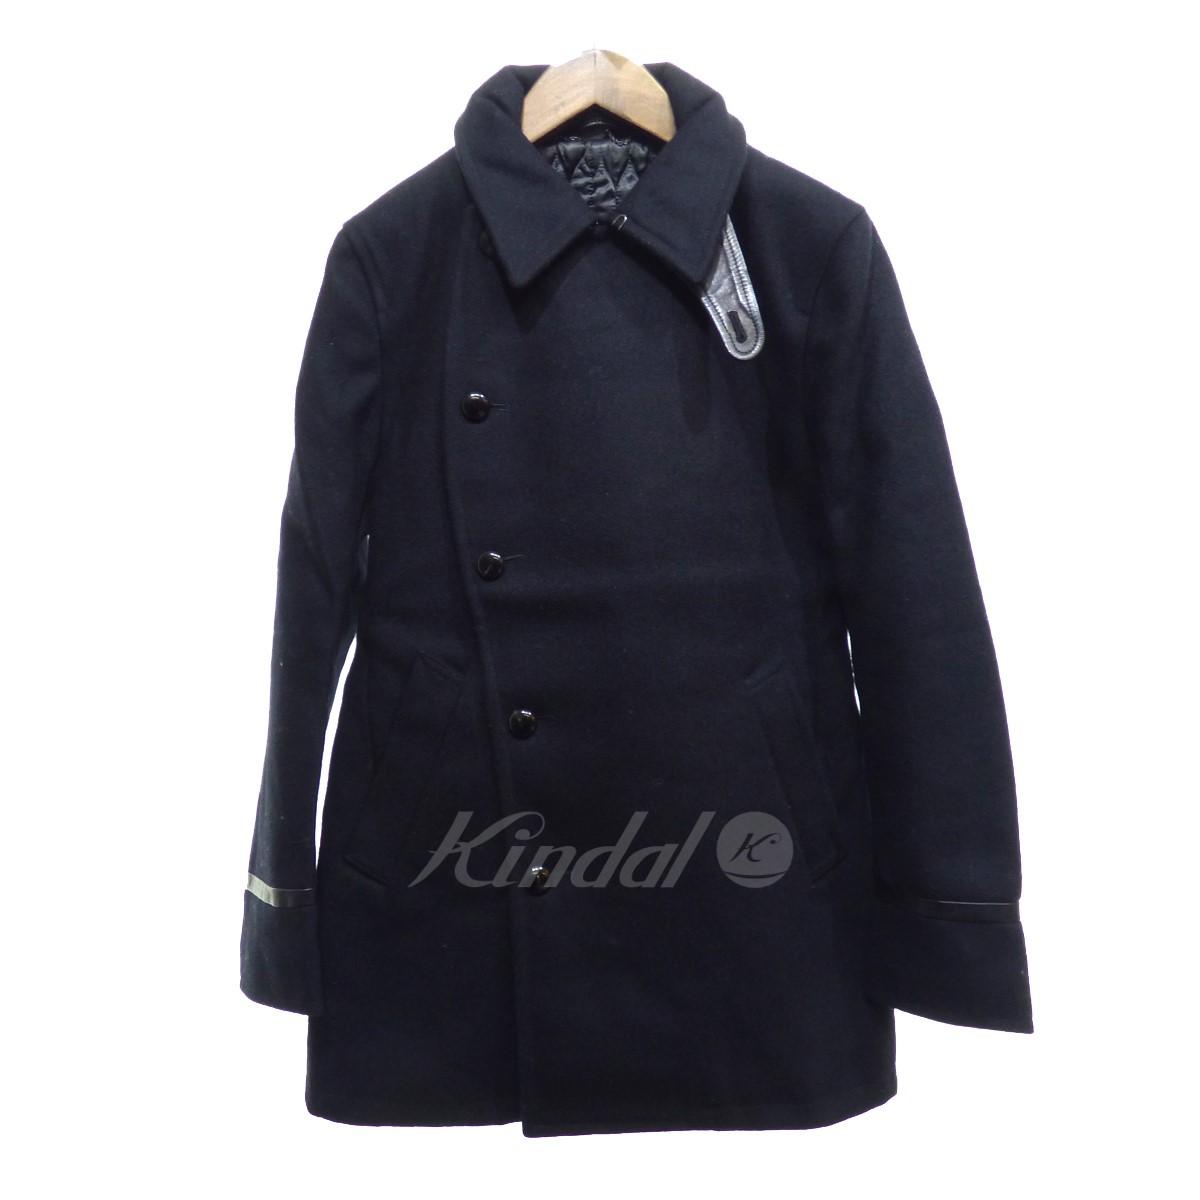 【中古】VADEL CURVE BREASTED COAT ブラック サイズ:46 【261019】(バデル)